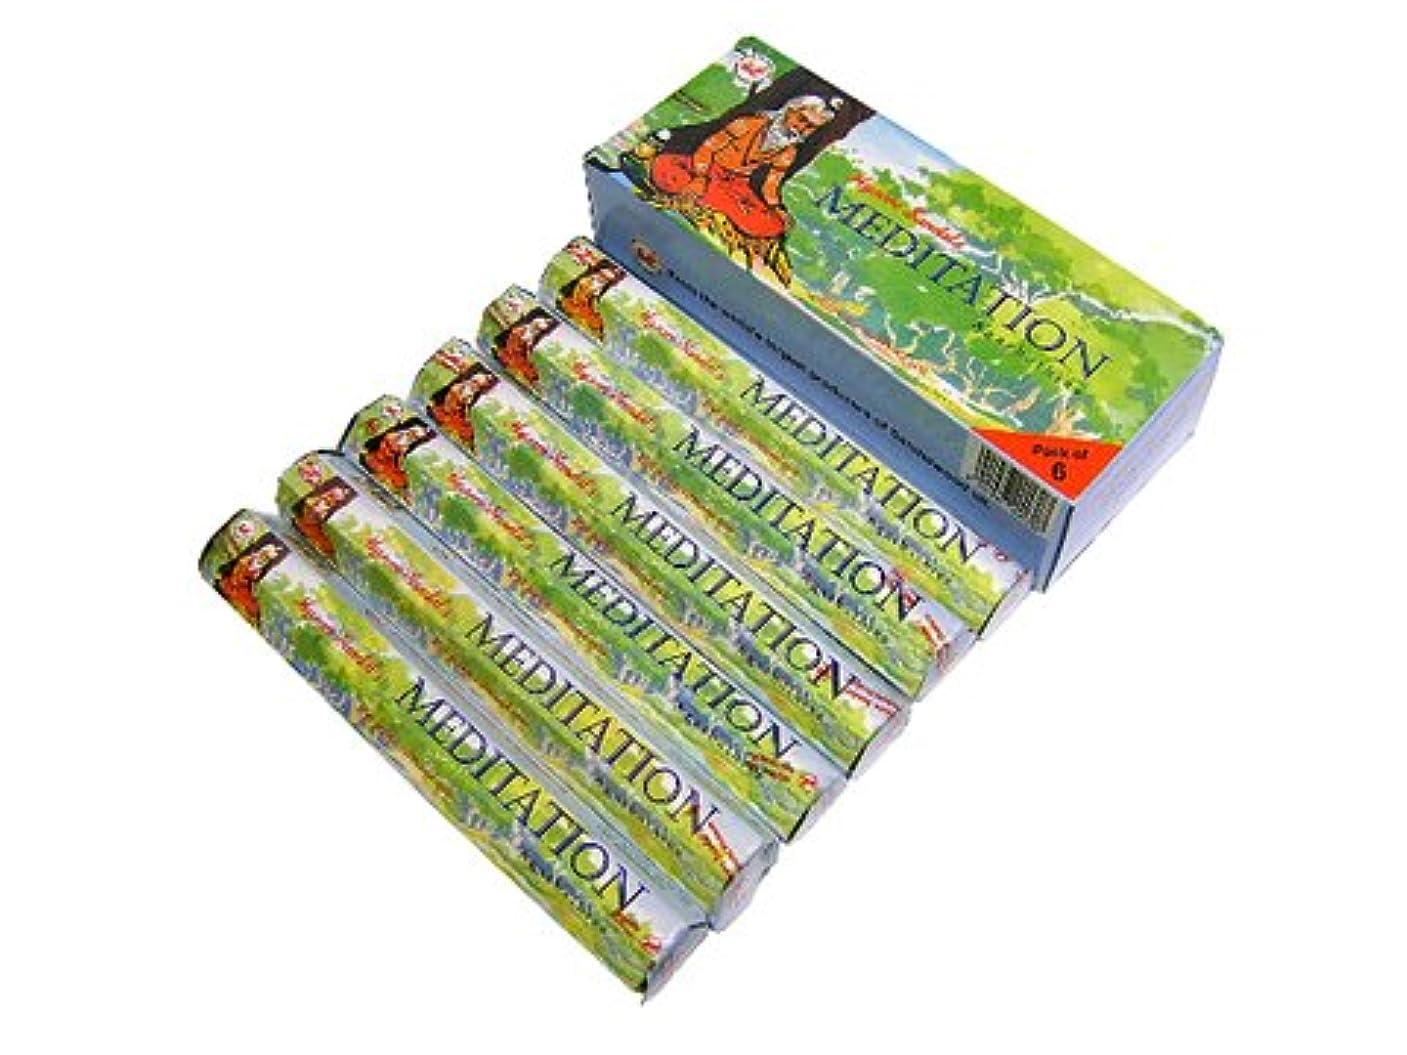 オーストラリアチョーク物語KARNATAKA SOAPS(カルナタカ ソープ) メディテーション香 スティック MEDITATION 6箱セット